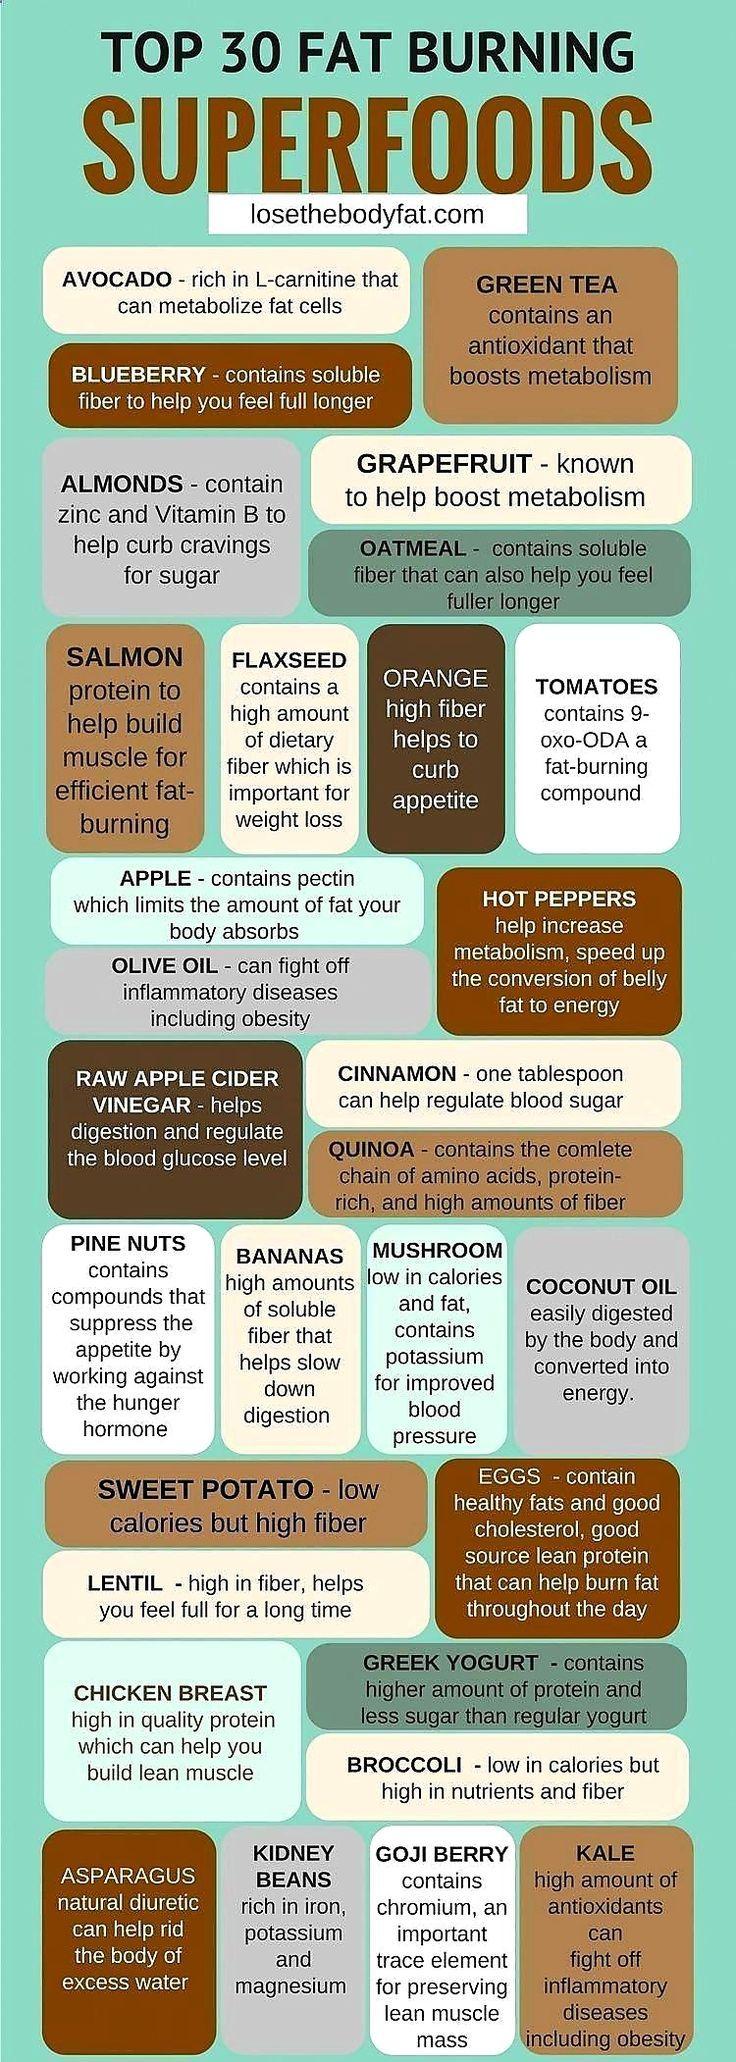 Mangia sano per perdere peso